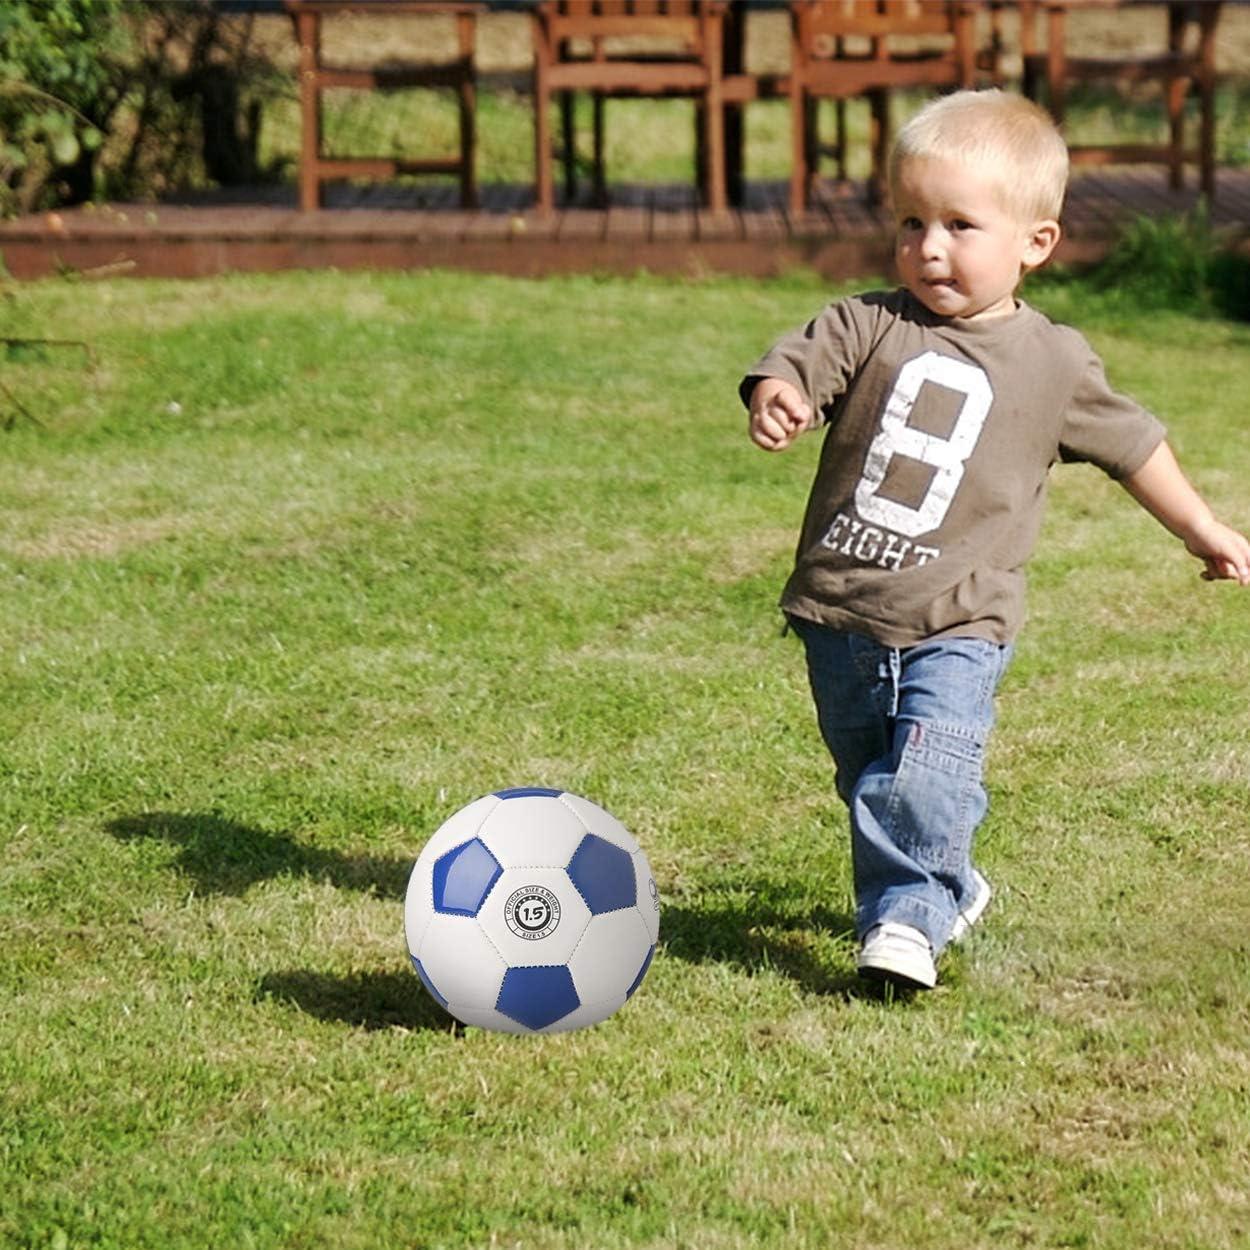 Leggero Mini Pallone da Calcio per Bambini per Interni ed Esterni YANYODO Misura 1,5